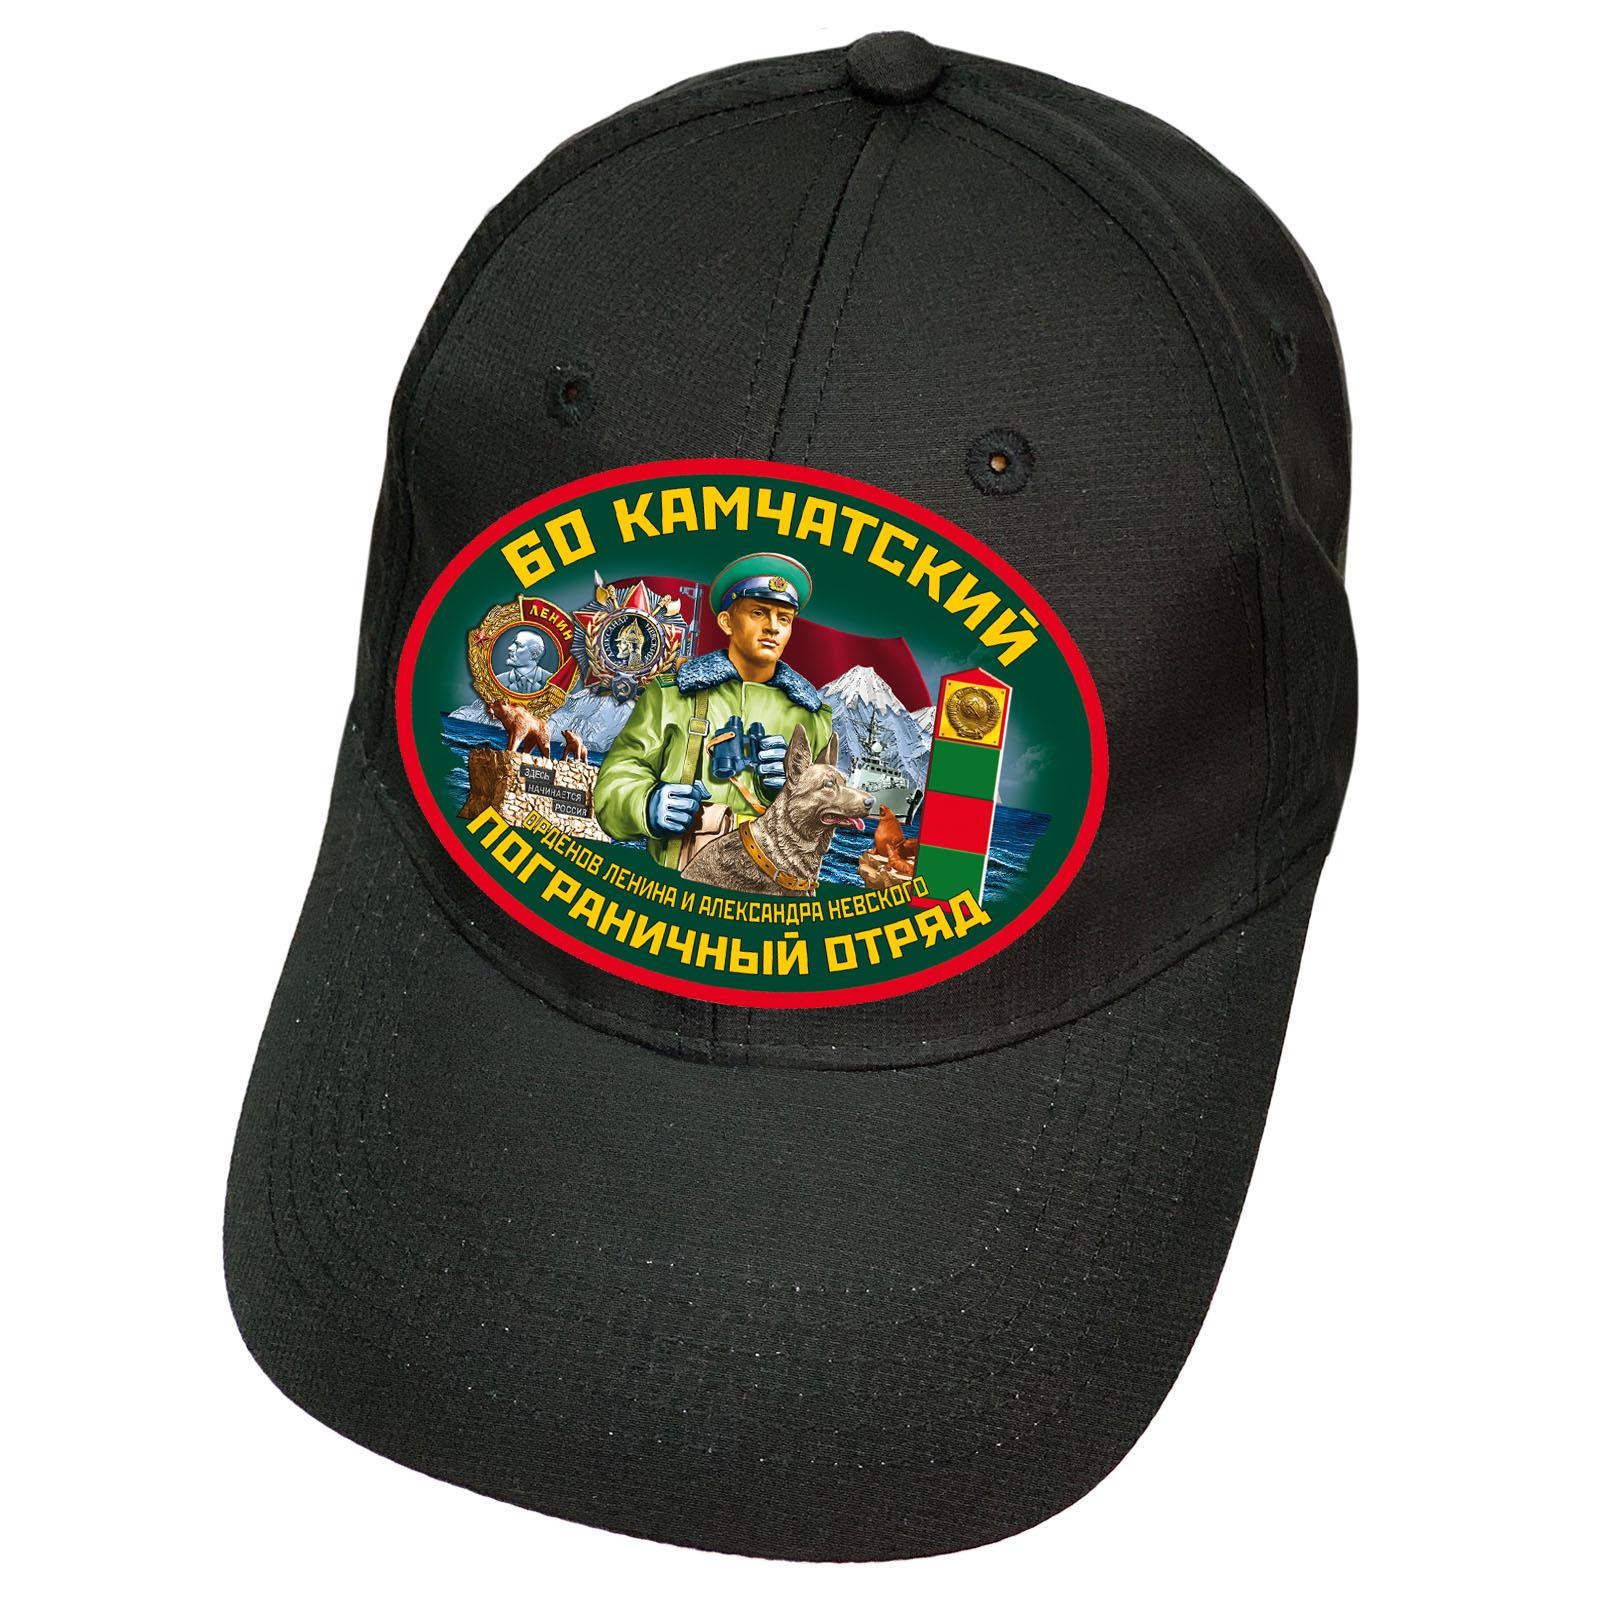 Чёрная кепка 60 Камчатский пограничный отряд